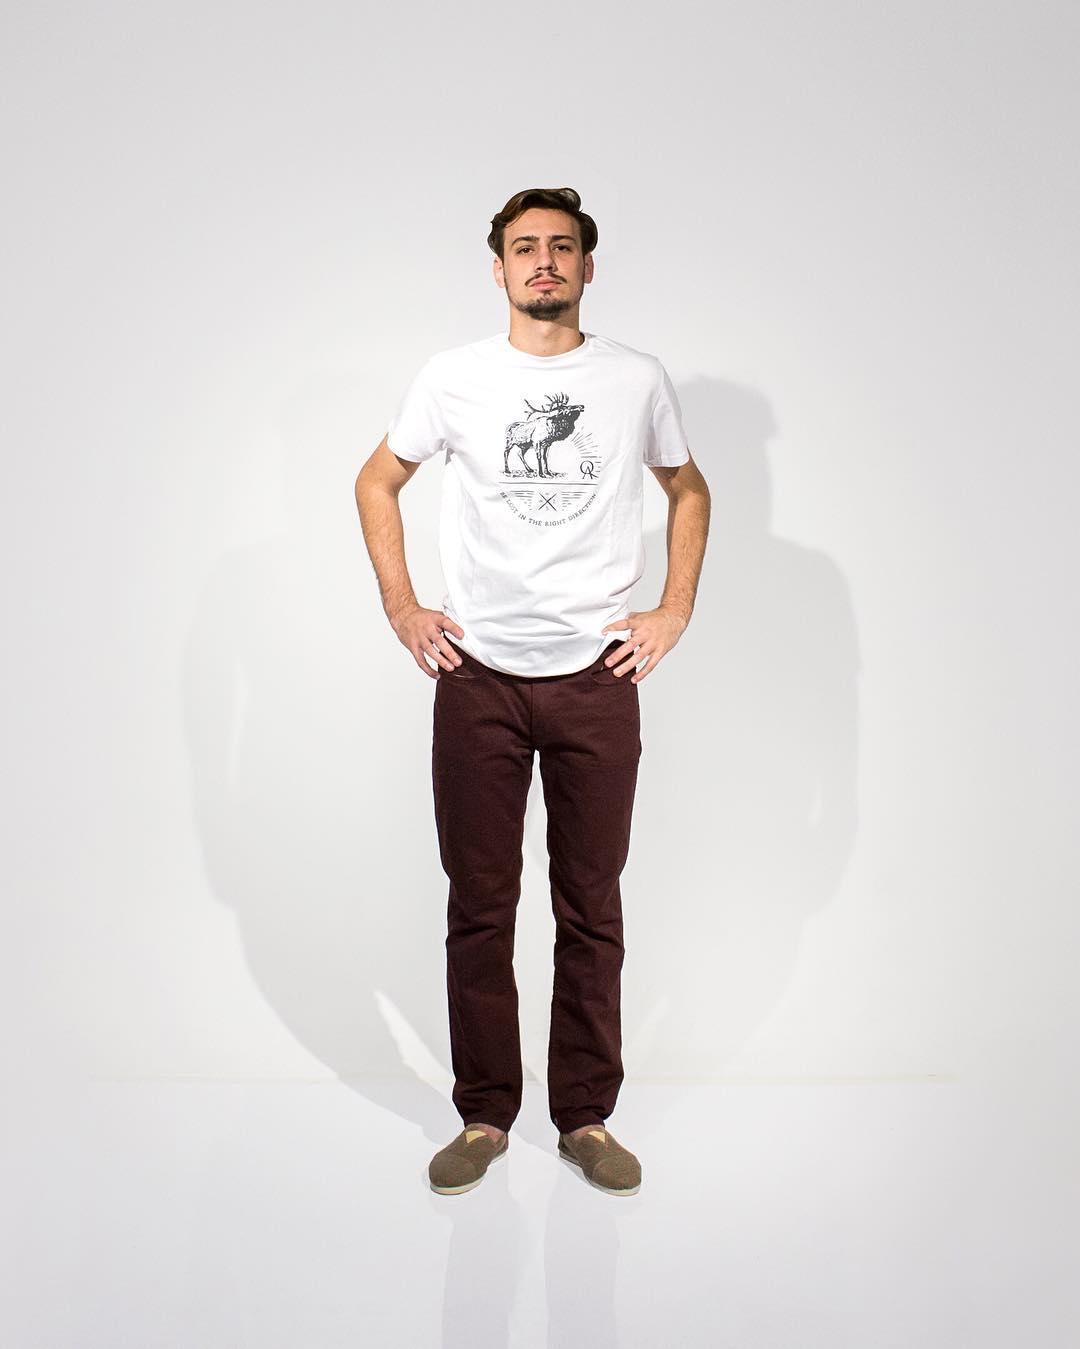 Remera Alce + Pantalón 5 Bolsillos  Conseguí el producto QA que combine con tu pasión.